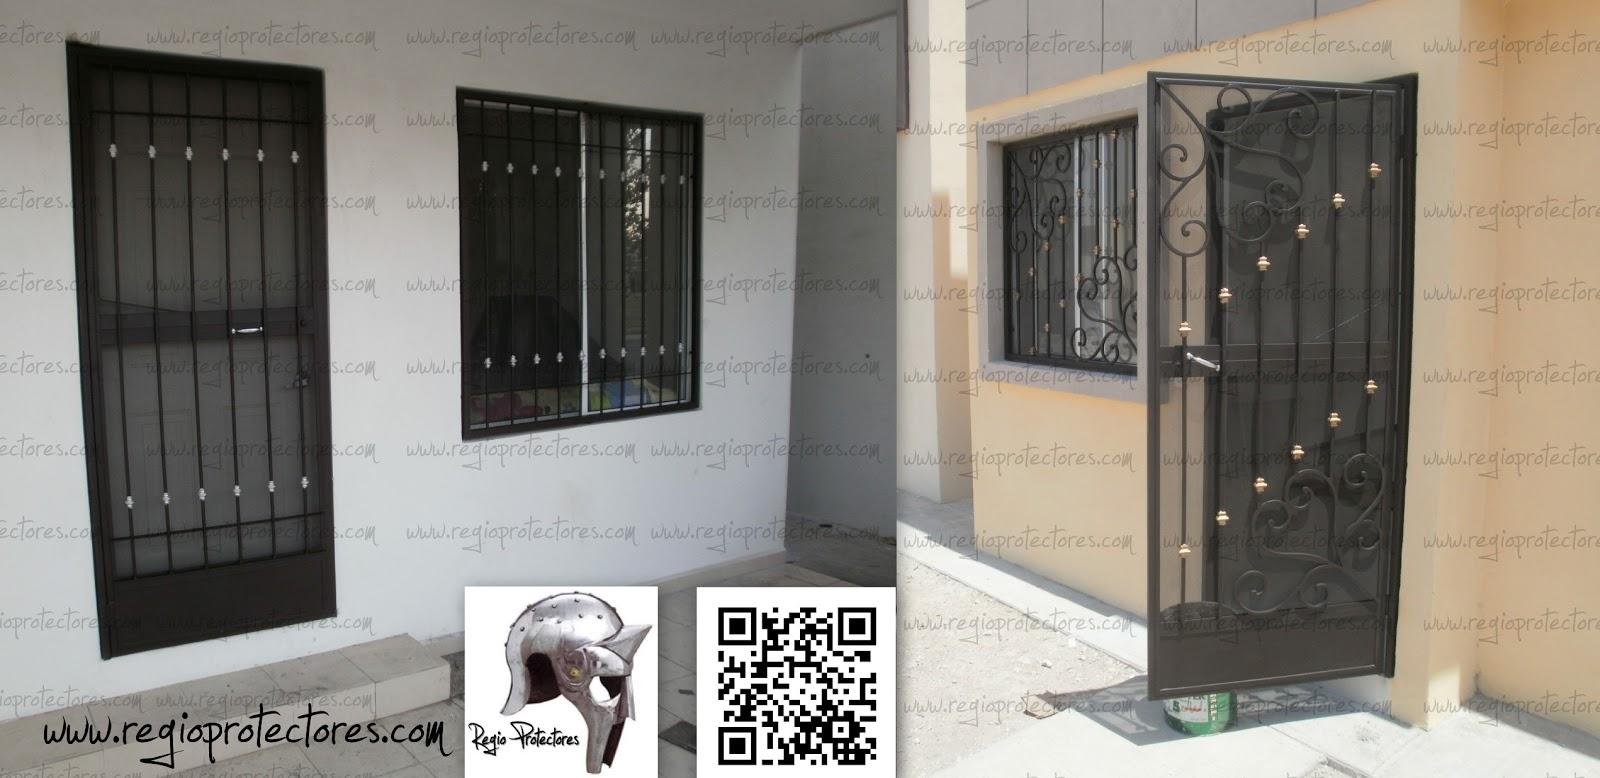 Regio protectores puertas mosquiteras for Puerta mosquitera